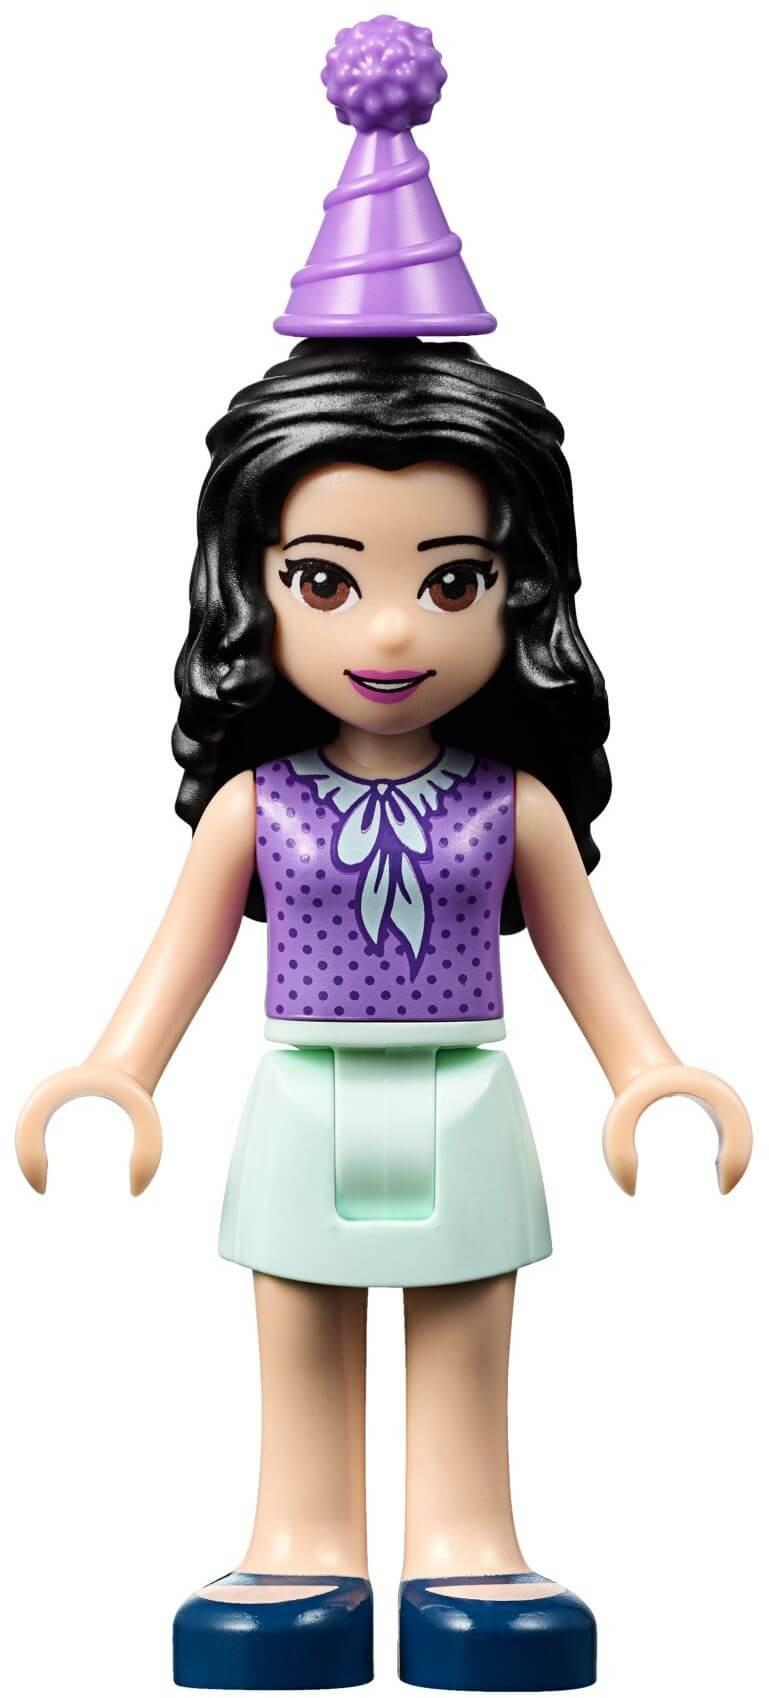 Mua đồ chơi LEGO 10748 - LEGO Juniors 10748 - Bữa Tiệc thú cưng của Emma (LEGO Juniors 10748 Emma's Pet Party)